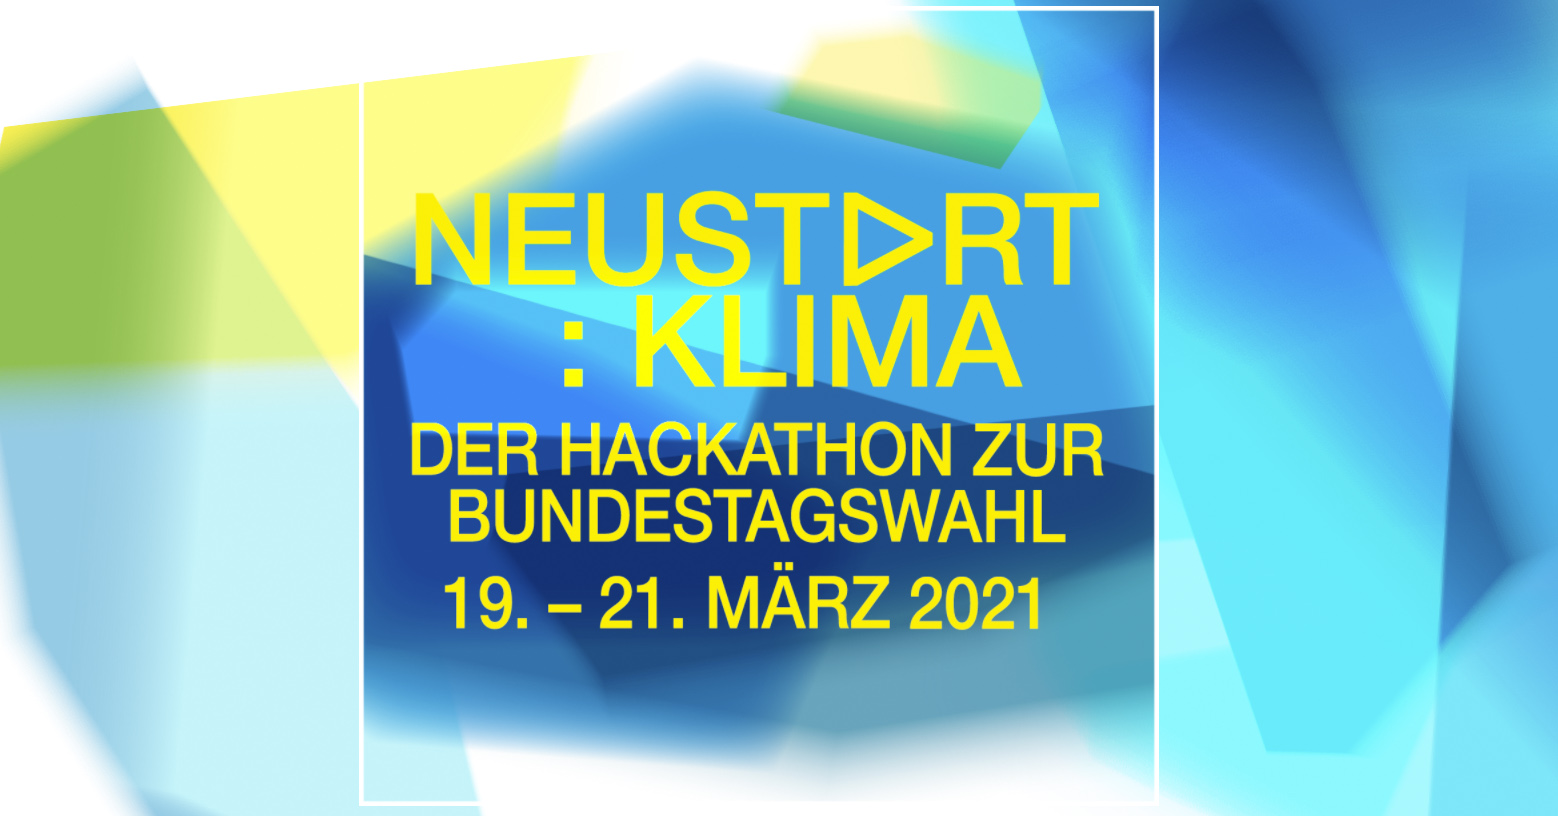 Neustart:Klima Der Hackathon zur Bundestagswahl